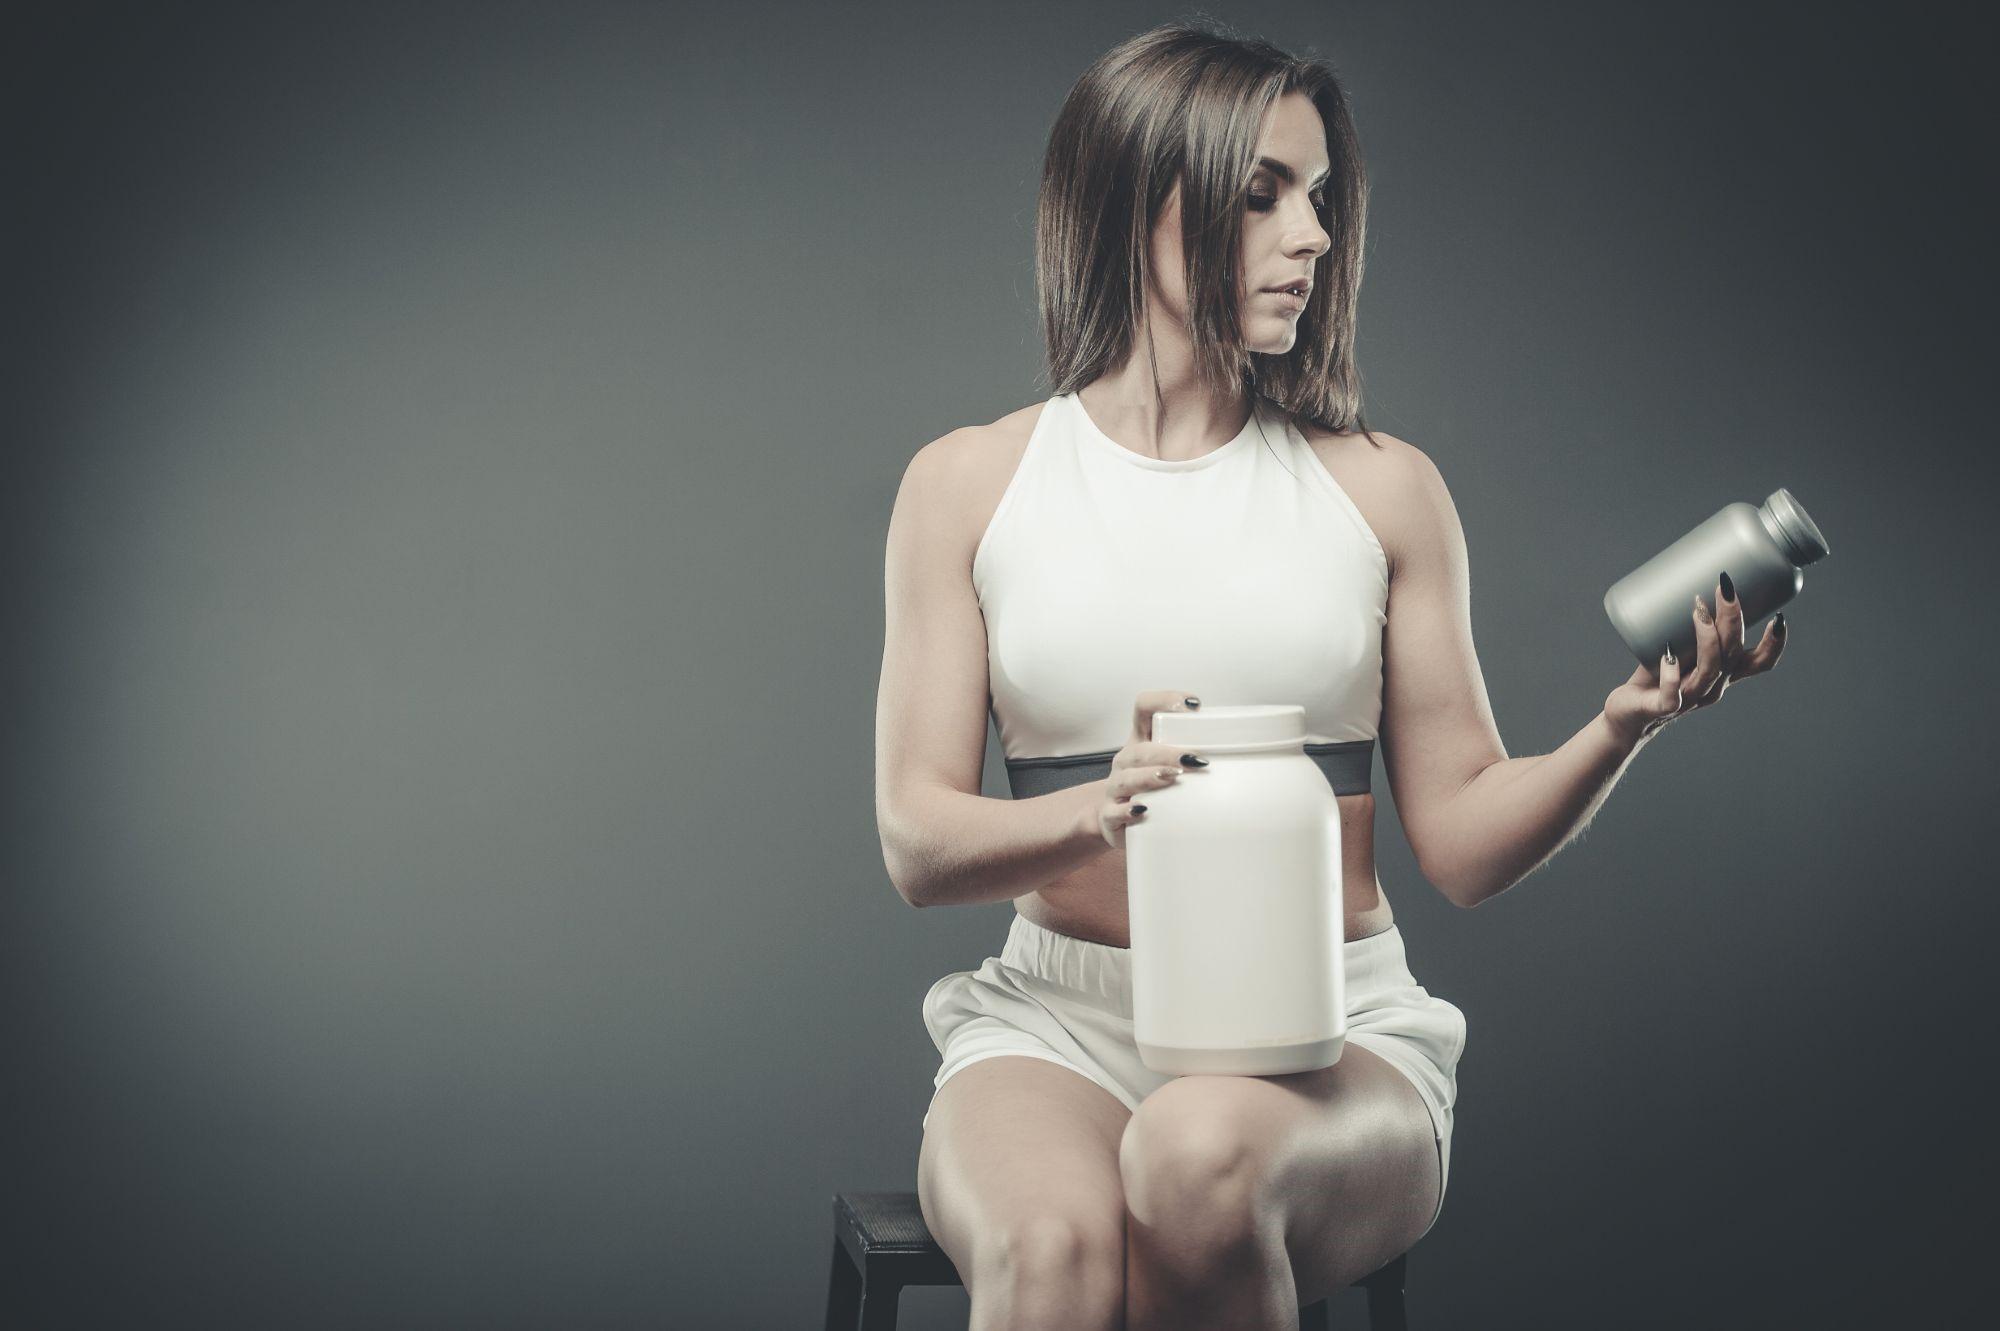 az anyagcsere felgyorsítása természetesen fogyni cla zsírégető gnc